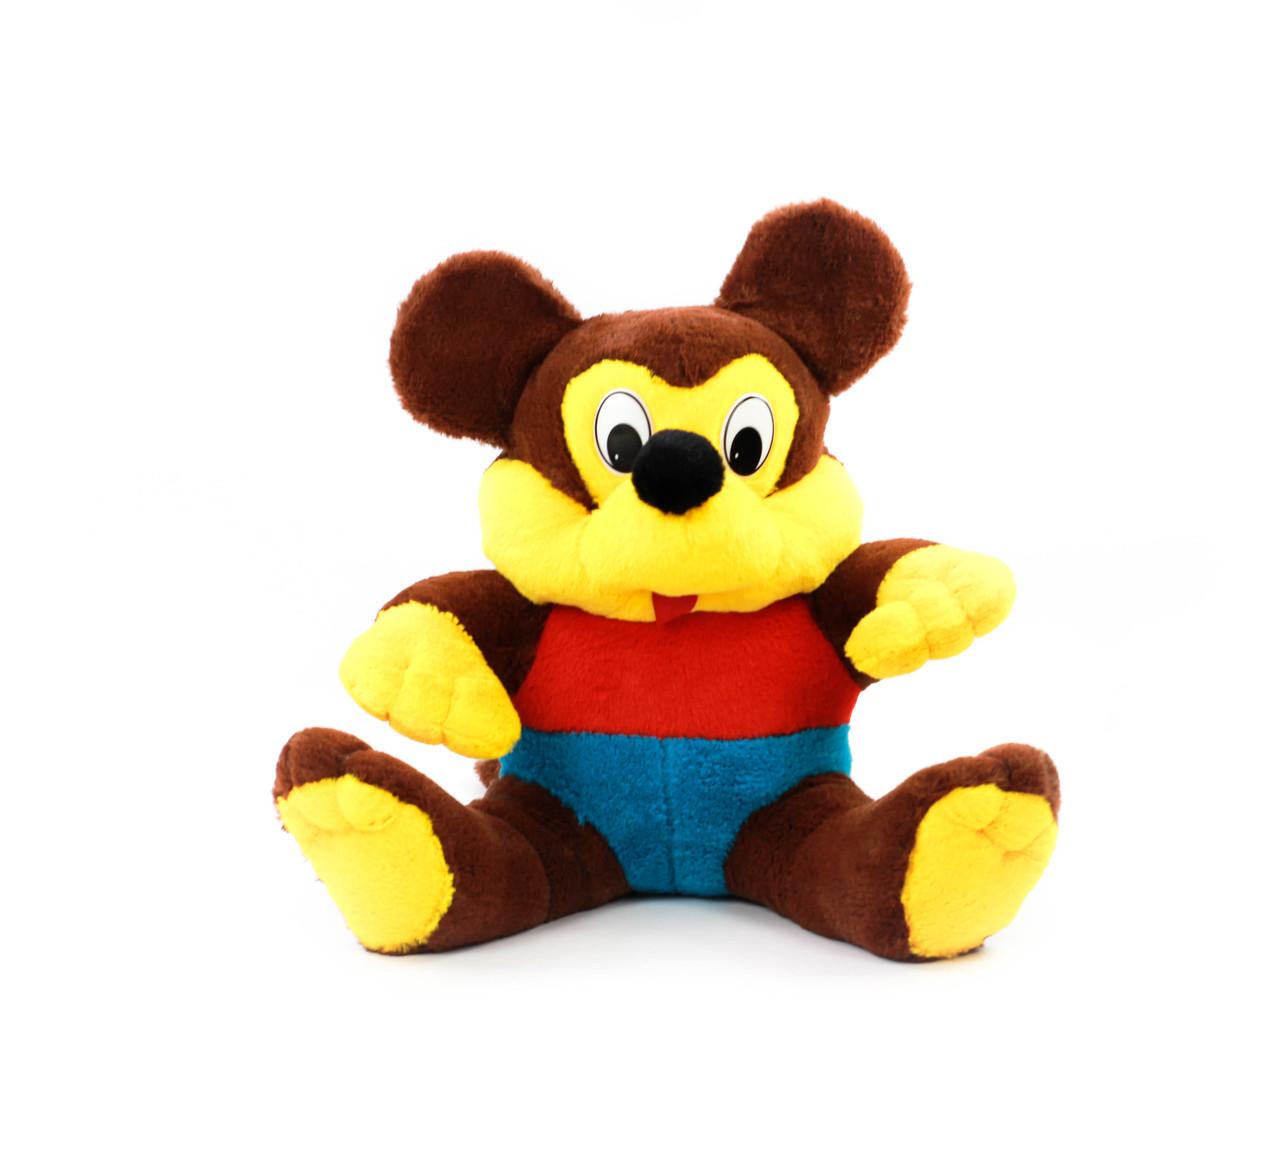 М'яка іграшка Міккі Мауз